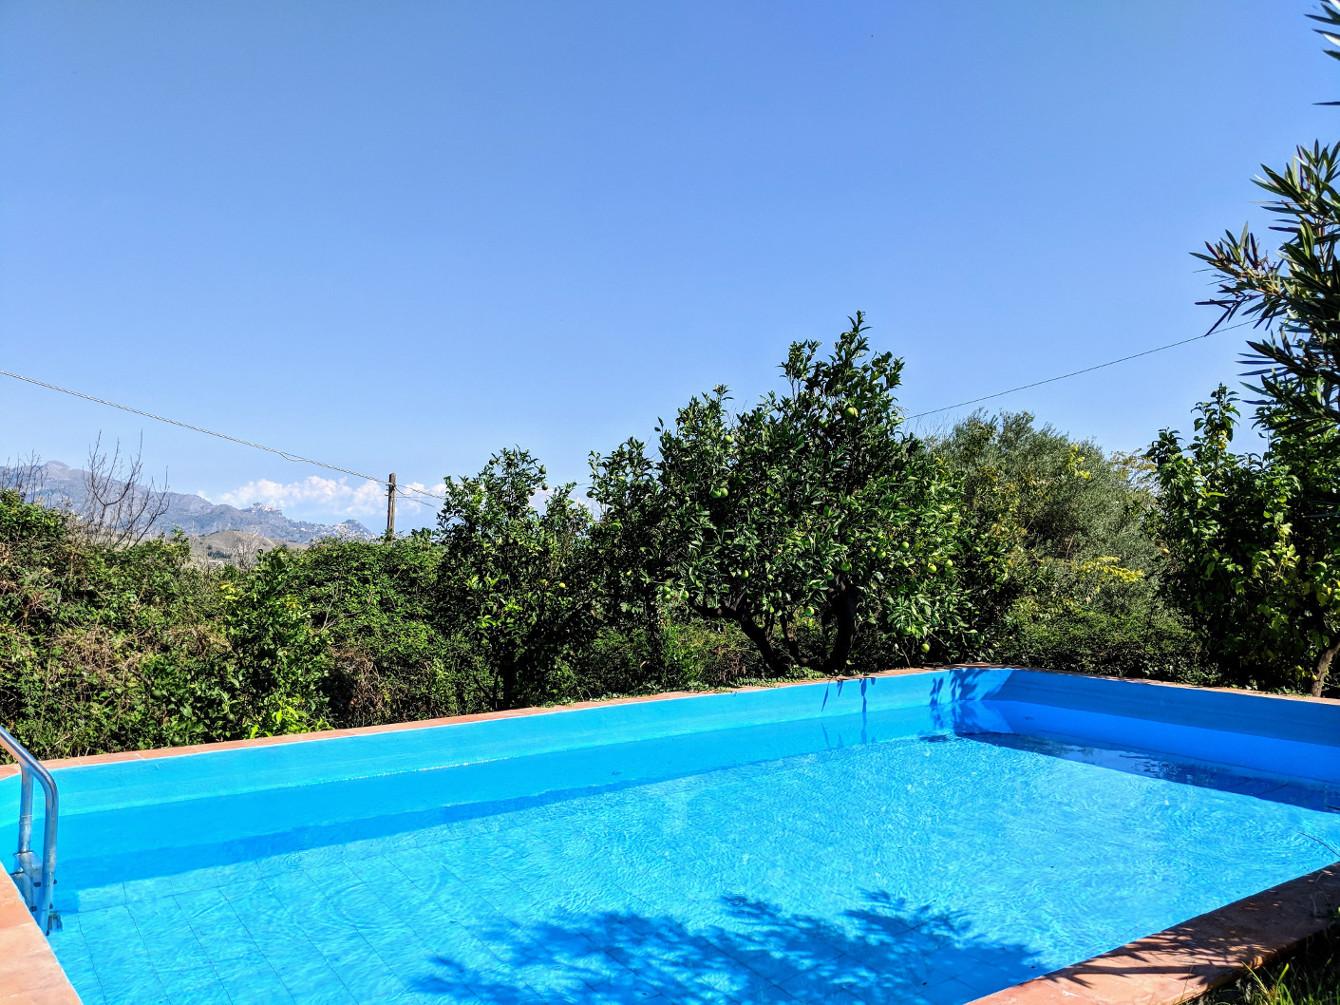 61 pool whole villa ama sicily.jpg